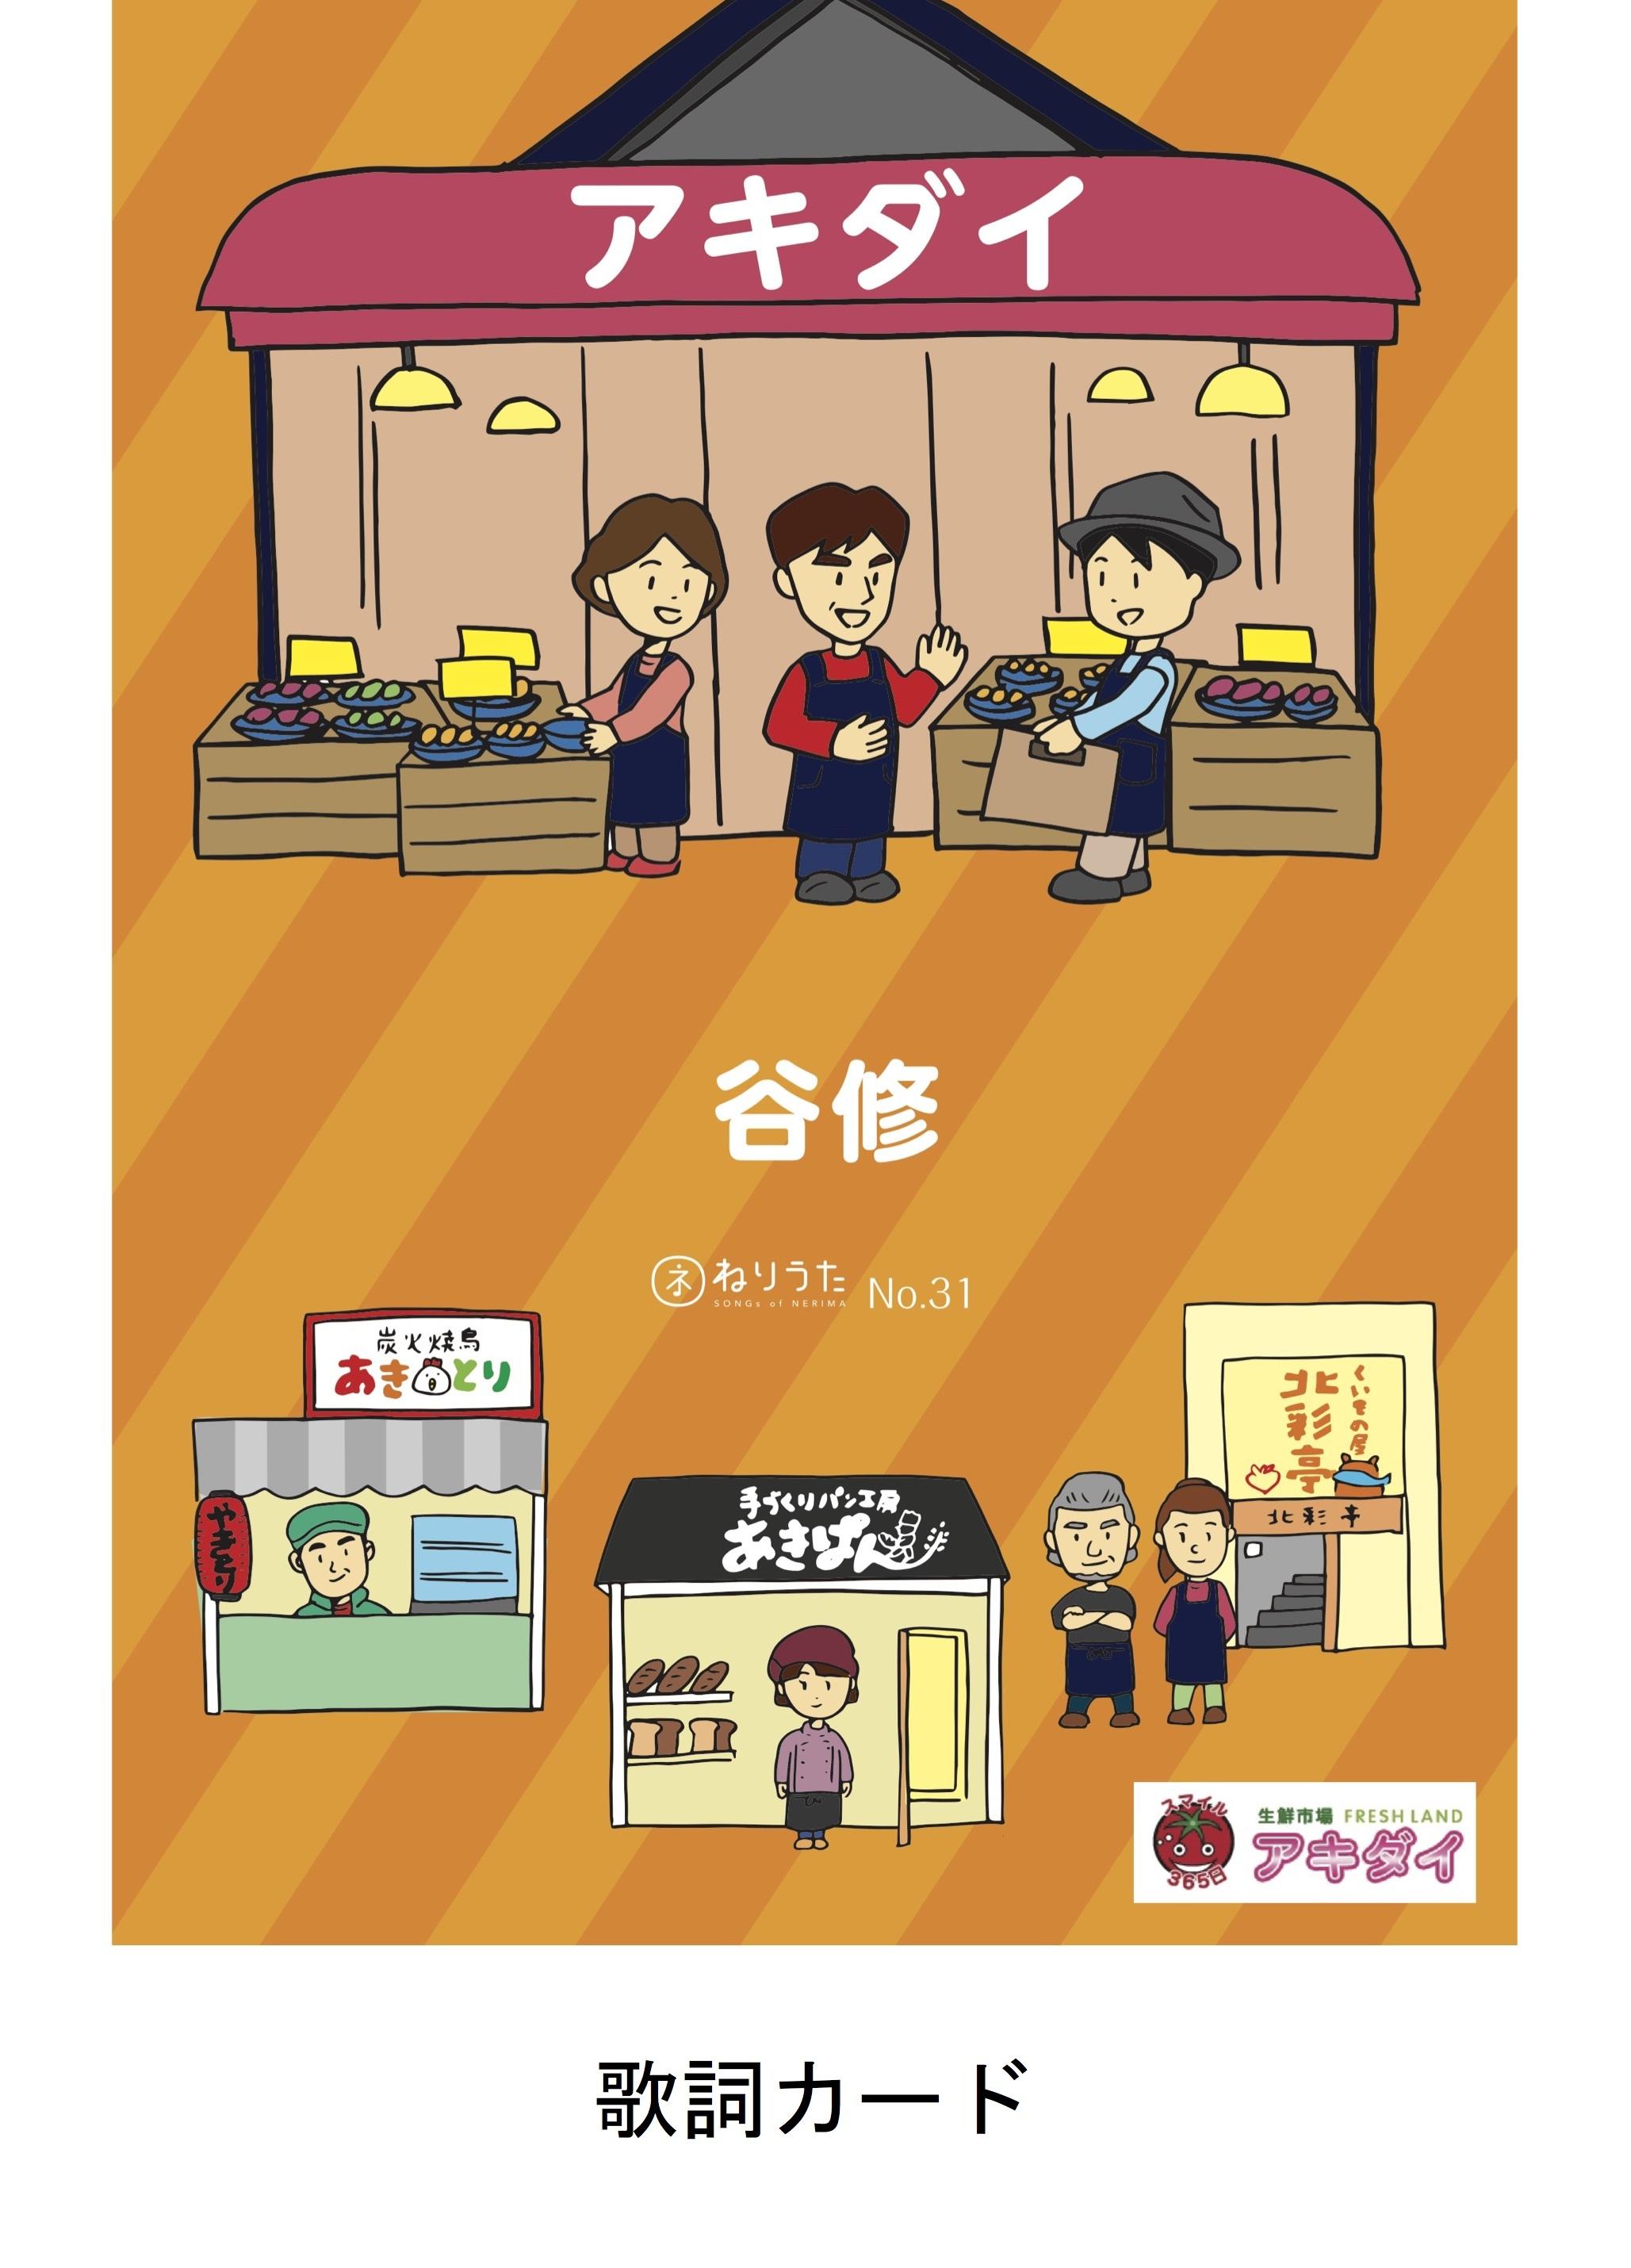 ねりうた #31-1 「アキダイ」歌詞カード